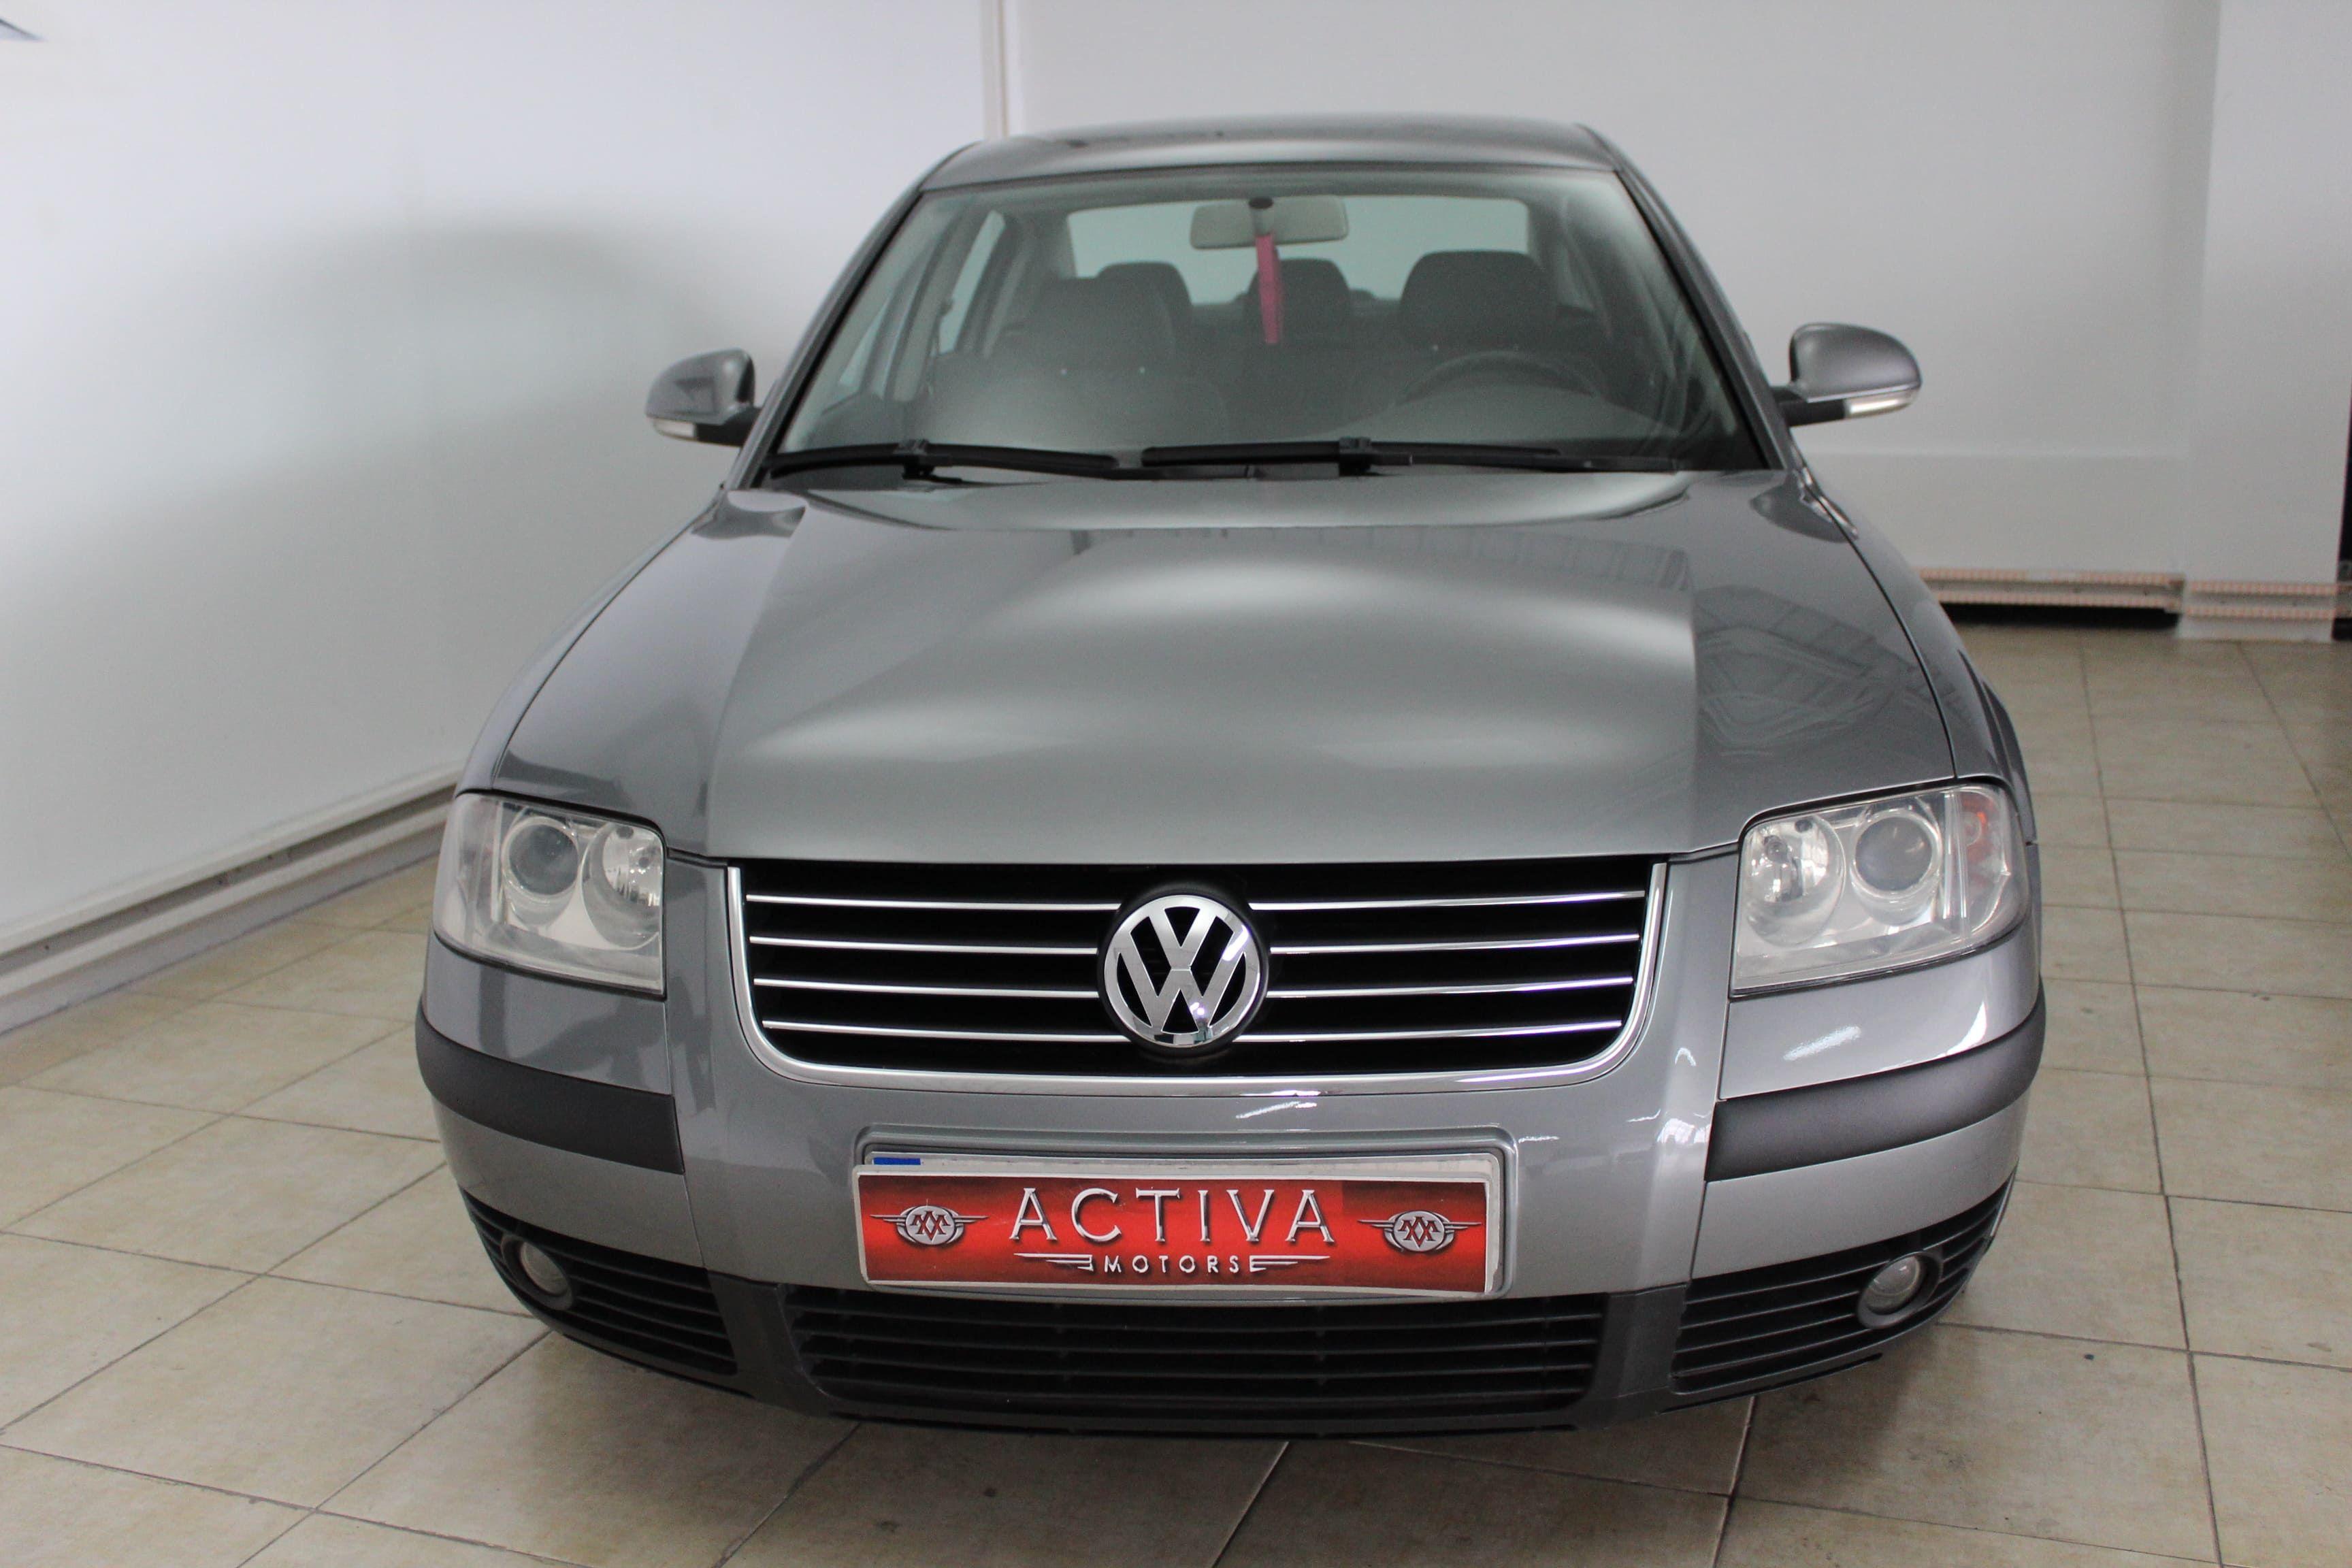 Volkswagen Passat 1.9 TDi Edition 130CV 4p: Nuestros Vehículos de Activa Motors